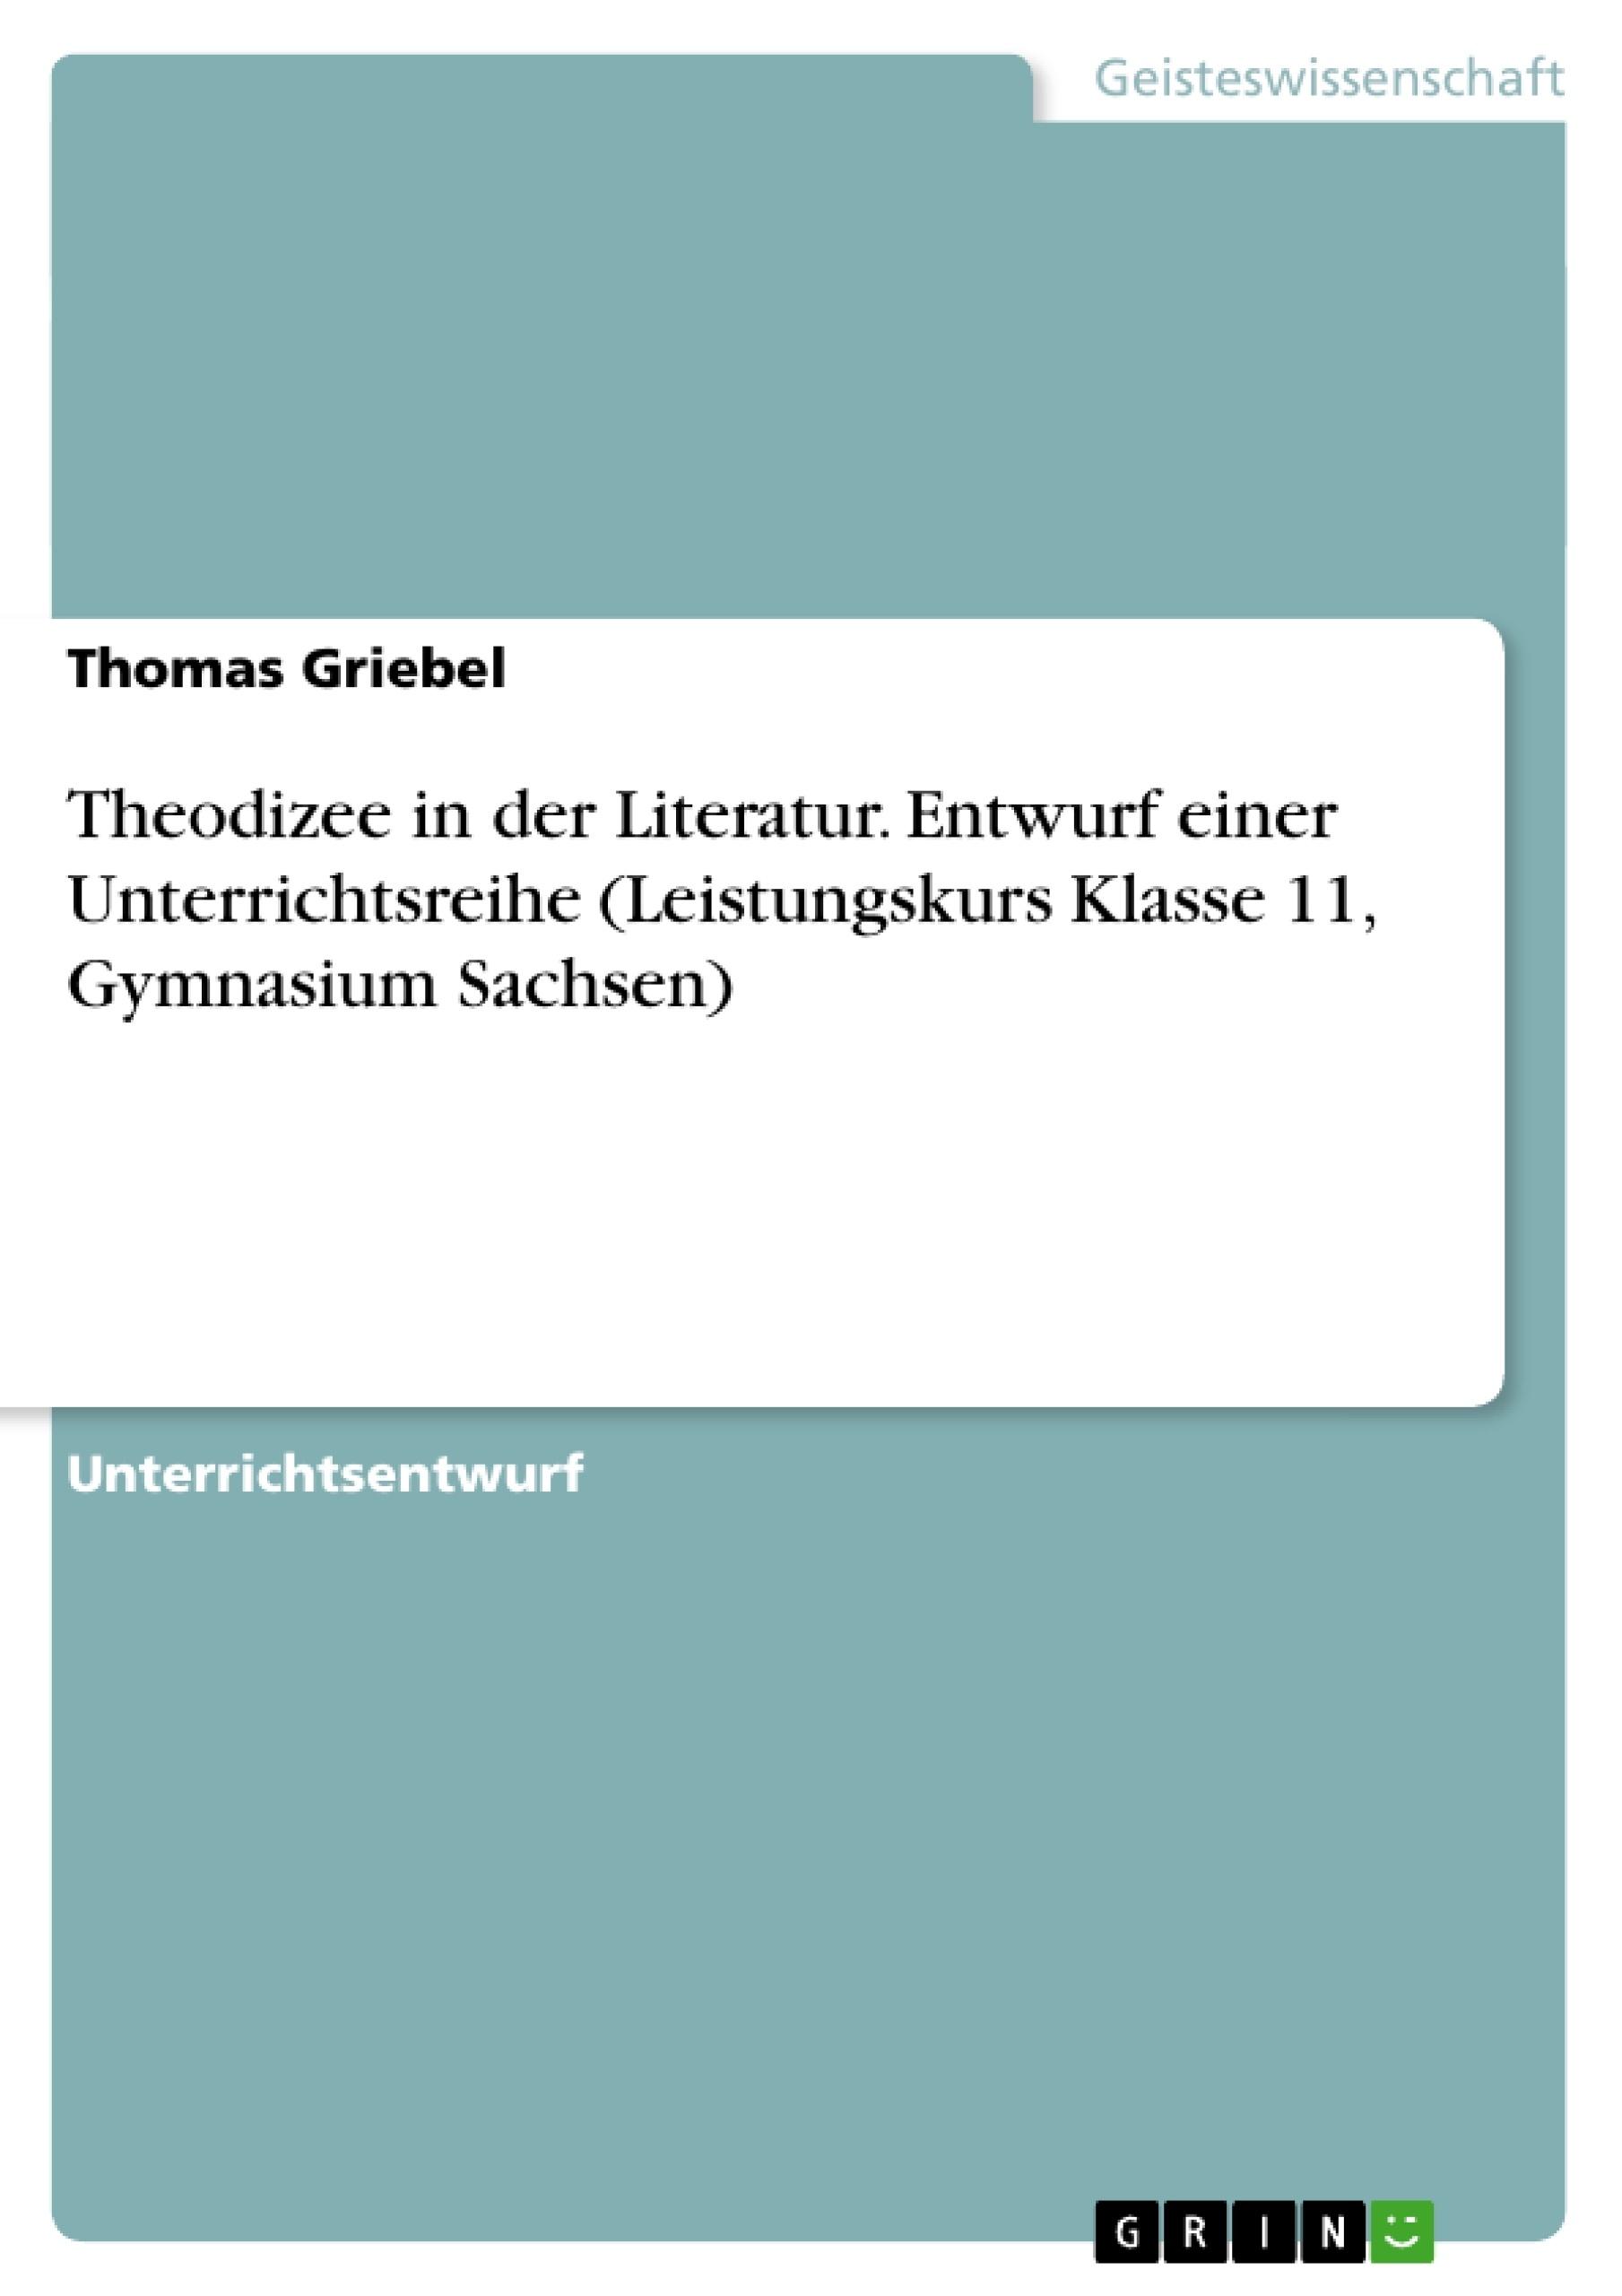 Titel: Theodizee in der Literatur. Entwurf einer Unterrichtsreihe (Leistungskurs Klasse 11, Gymnasium Sachsen)